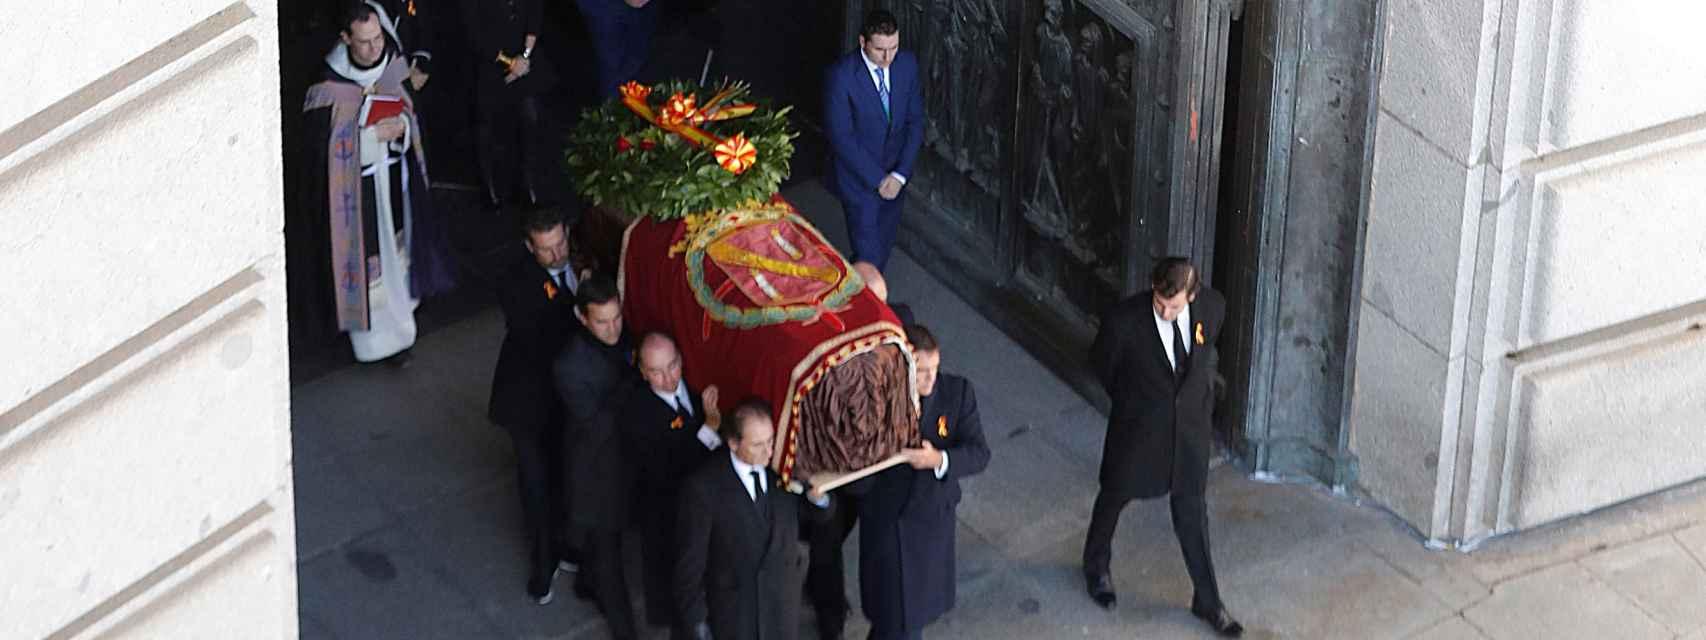 Los familiares de Franco portan el féretro con los restos mortales del dictador tras su exhumación.